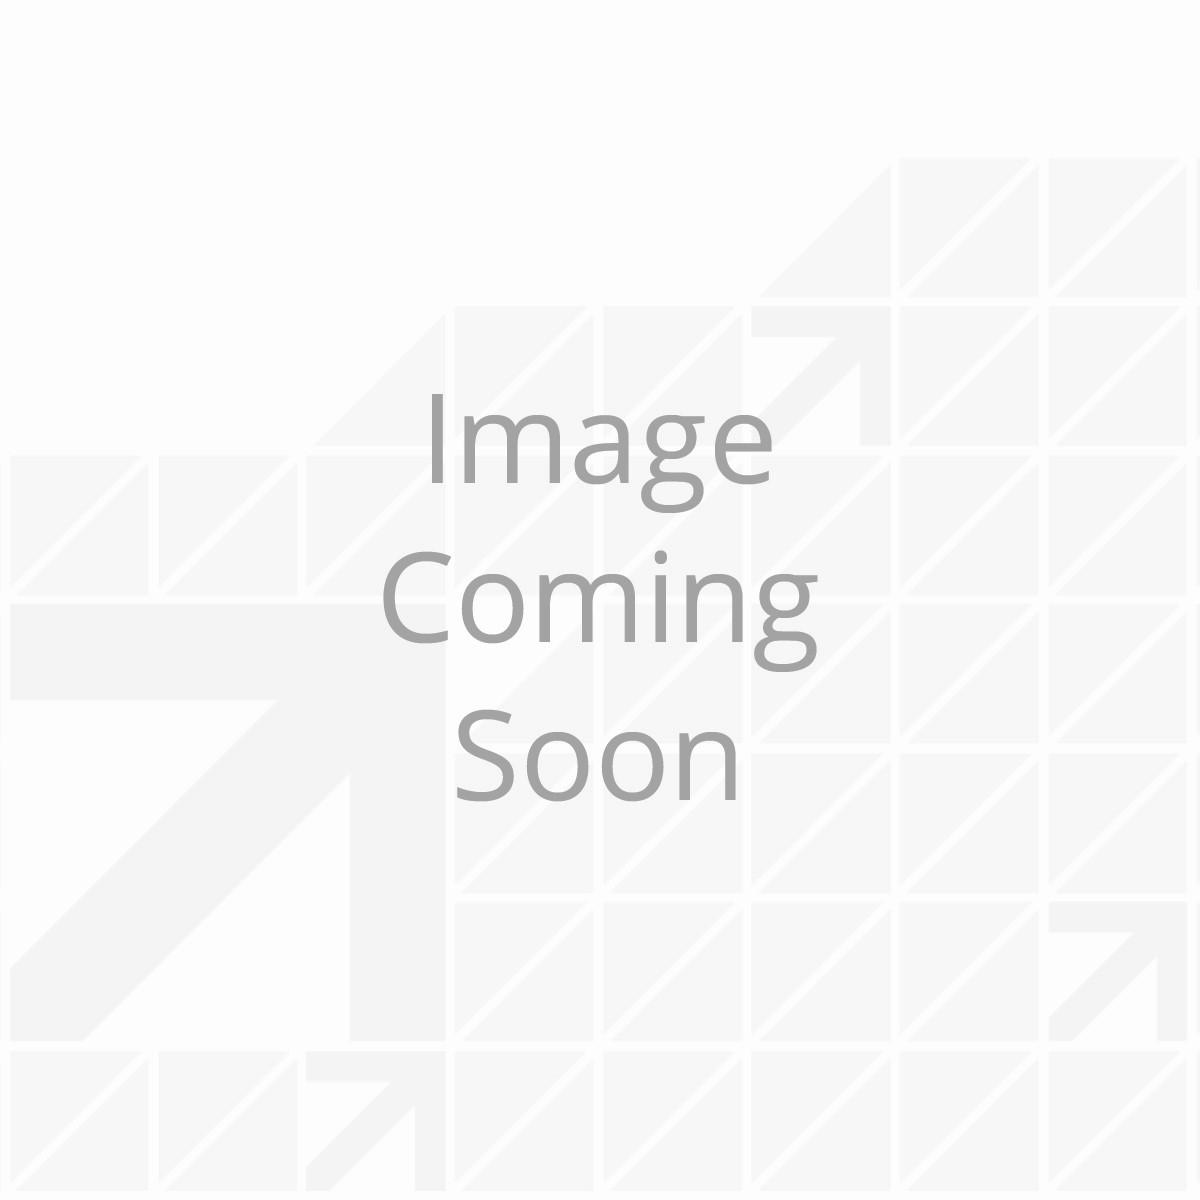 Kwikee Kwik Test Control Box